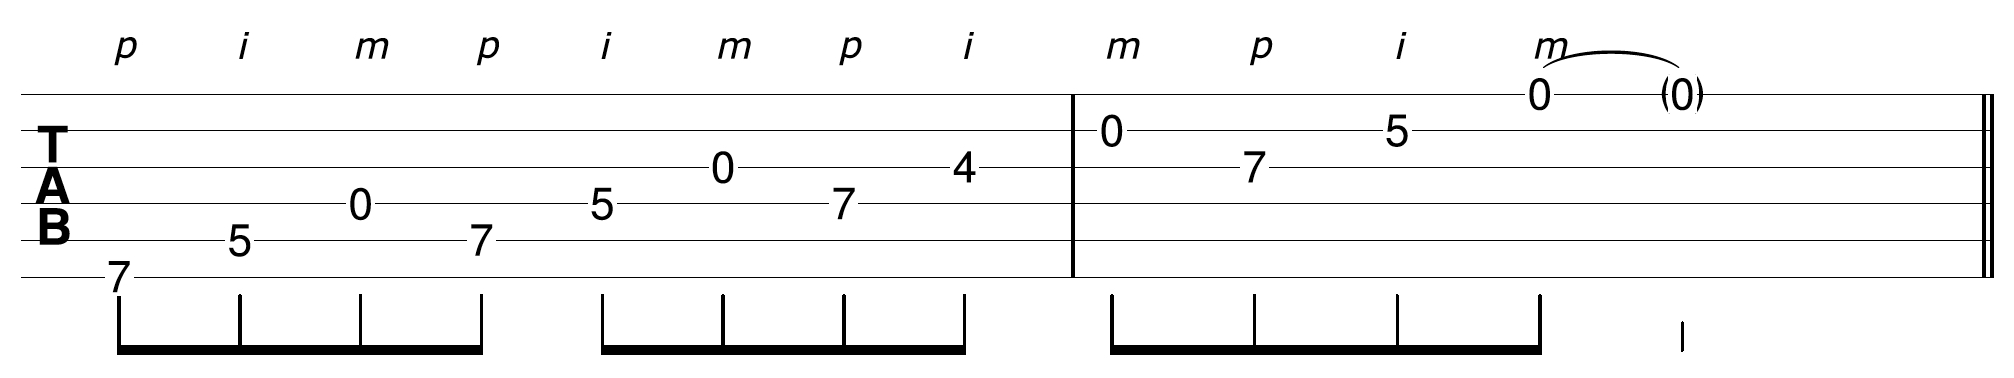 Acoustic Guitar Solo Technique Ascending Scale